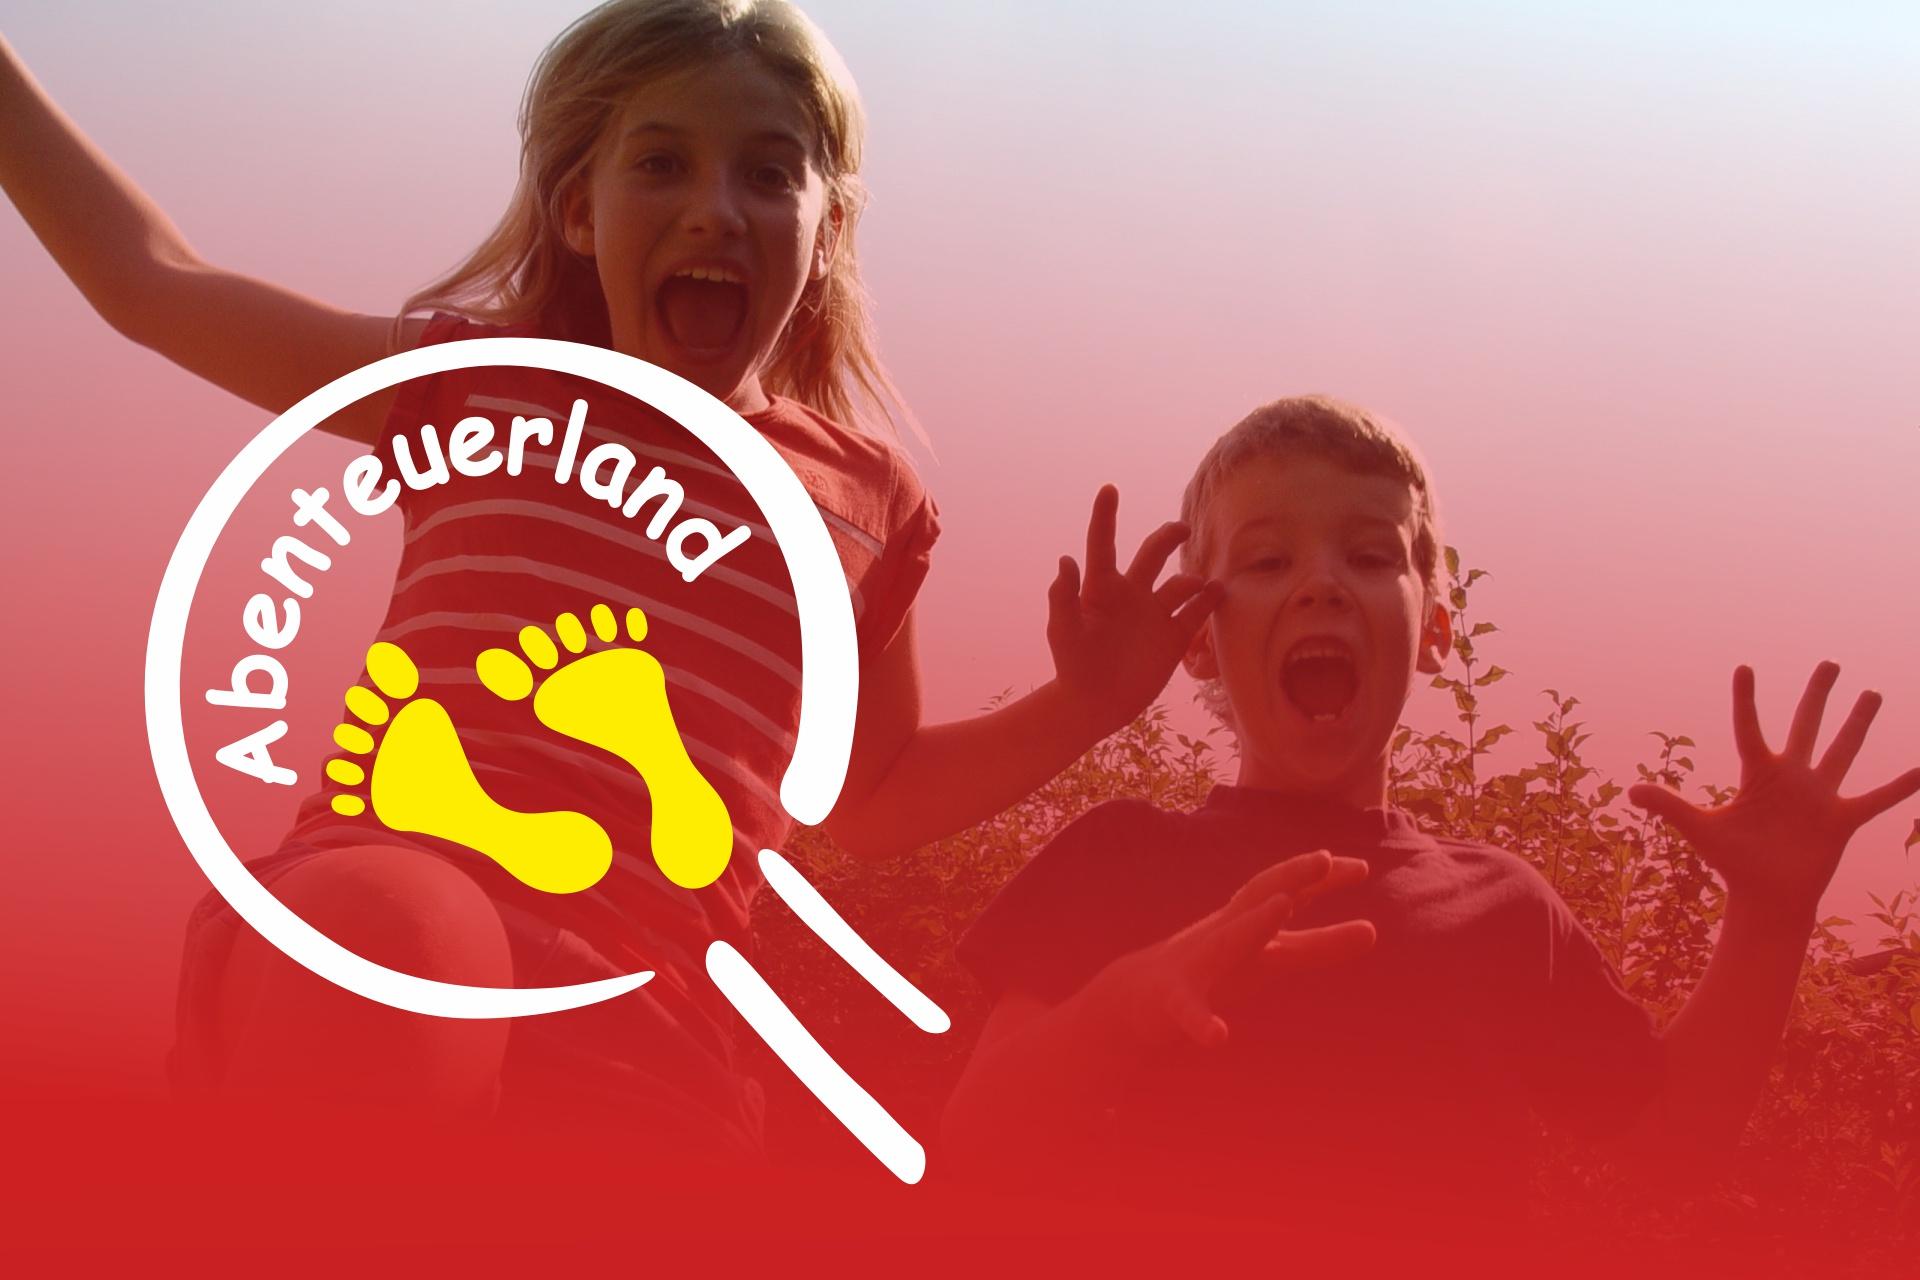 Spiel und Spass für Kinder im Abenteuerland